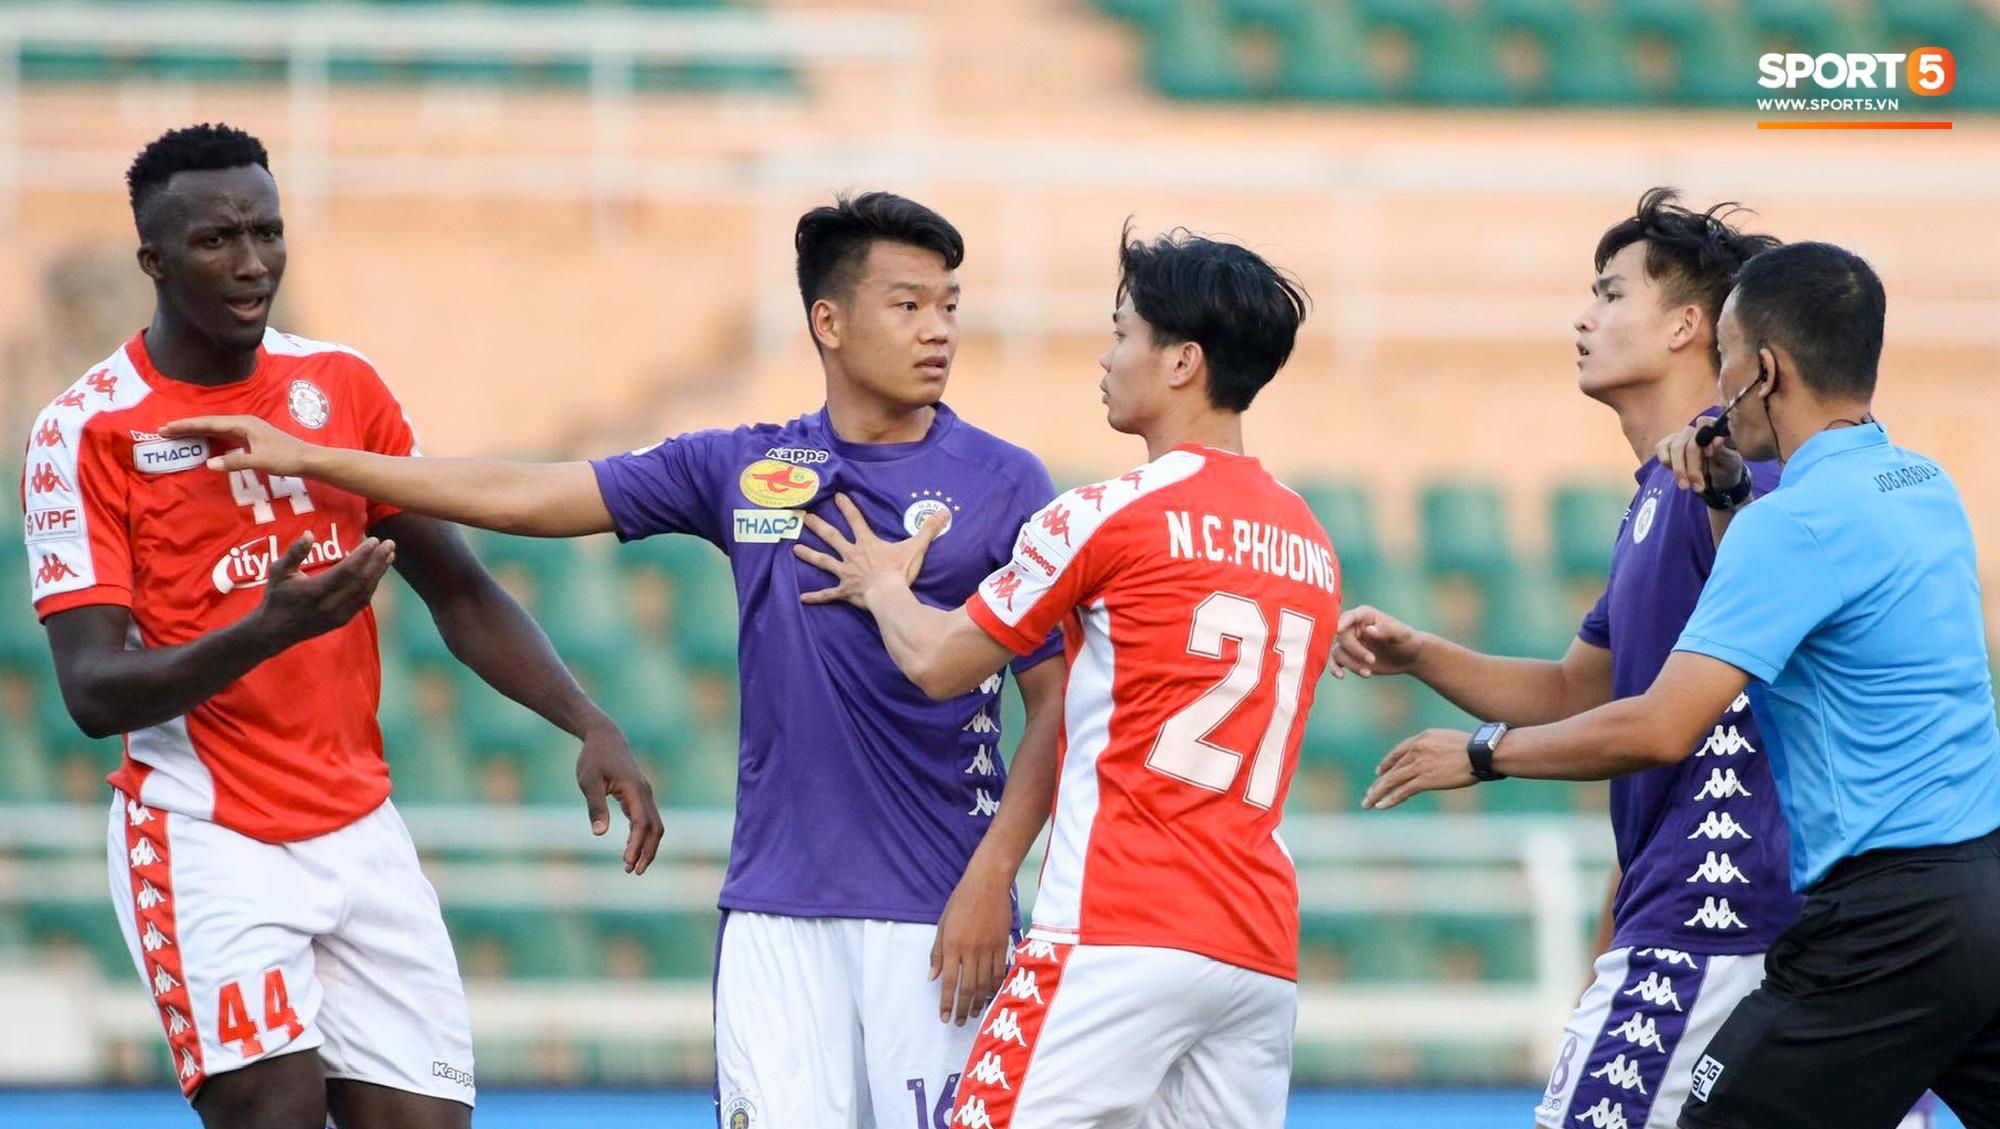 HLV Chu Đình Nghiêm: Không có Công Phượng, CLB TP.HCM có khi lại đánh bại Hà Nội FC - Ảnh 2.